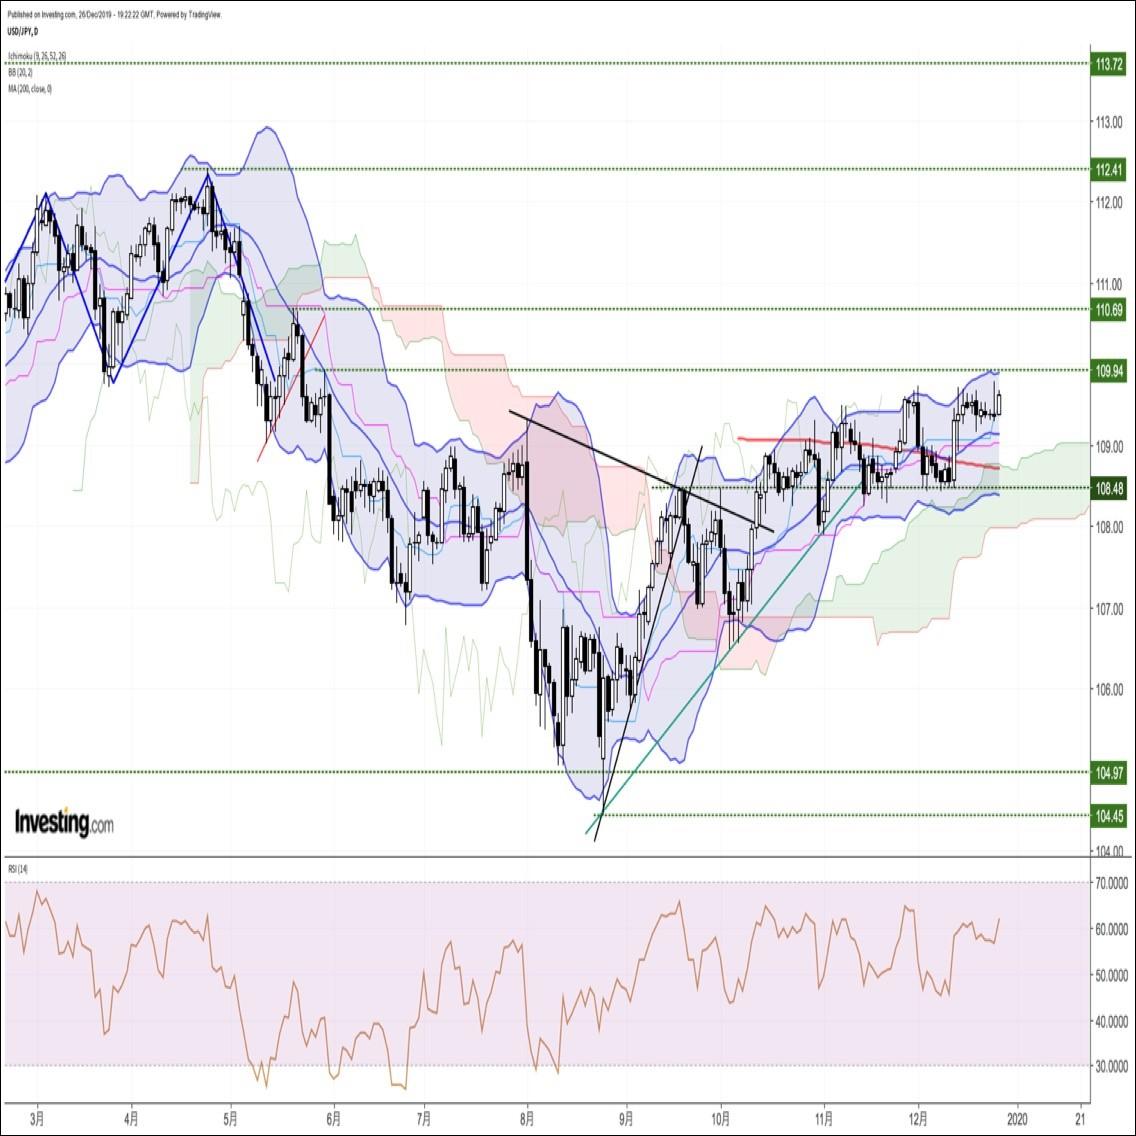 ドル円、株高を背景に上昇するも、またしても109.70付近の抵抗帯が続伸を阻む展開(12/27朝)